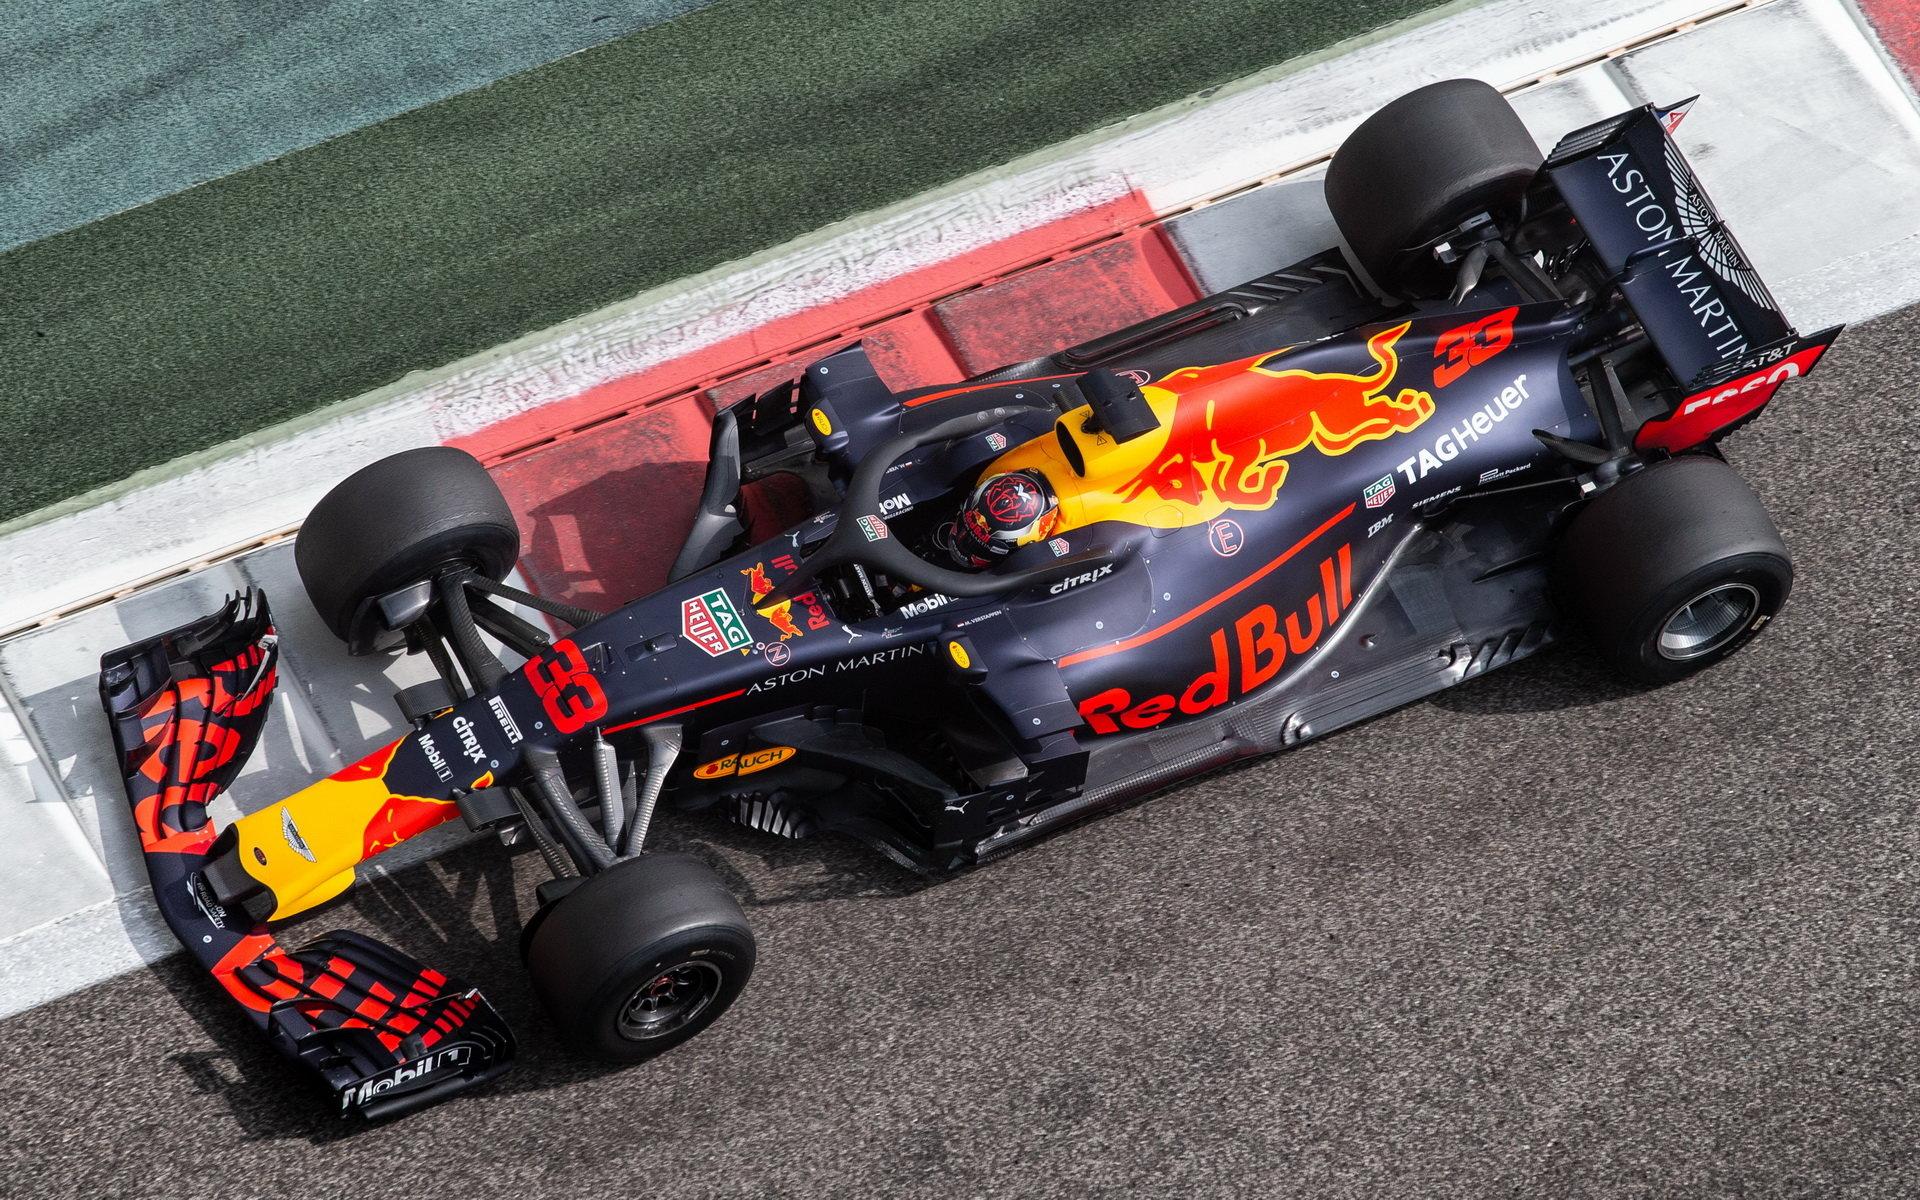 Změny aerodynamiky před sezónou 2019 podle Hornera k lepšímu závodění moc nepomůžou